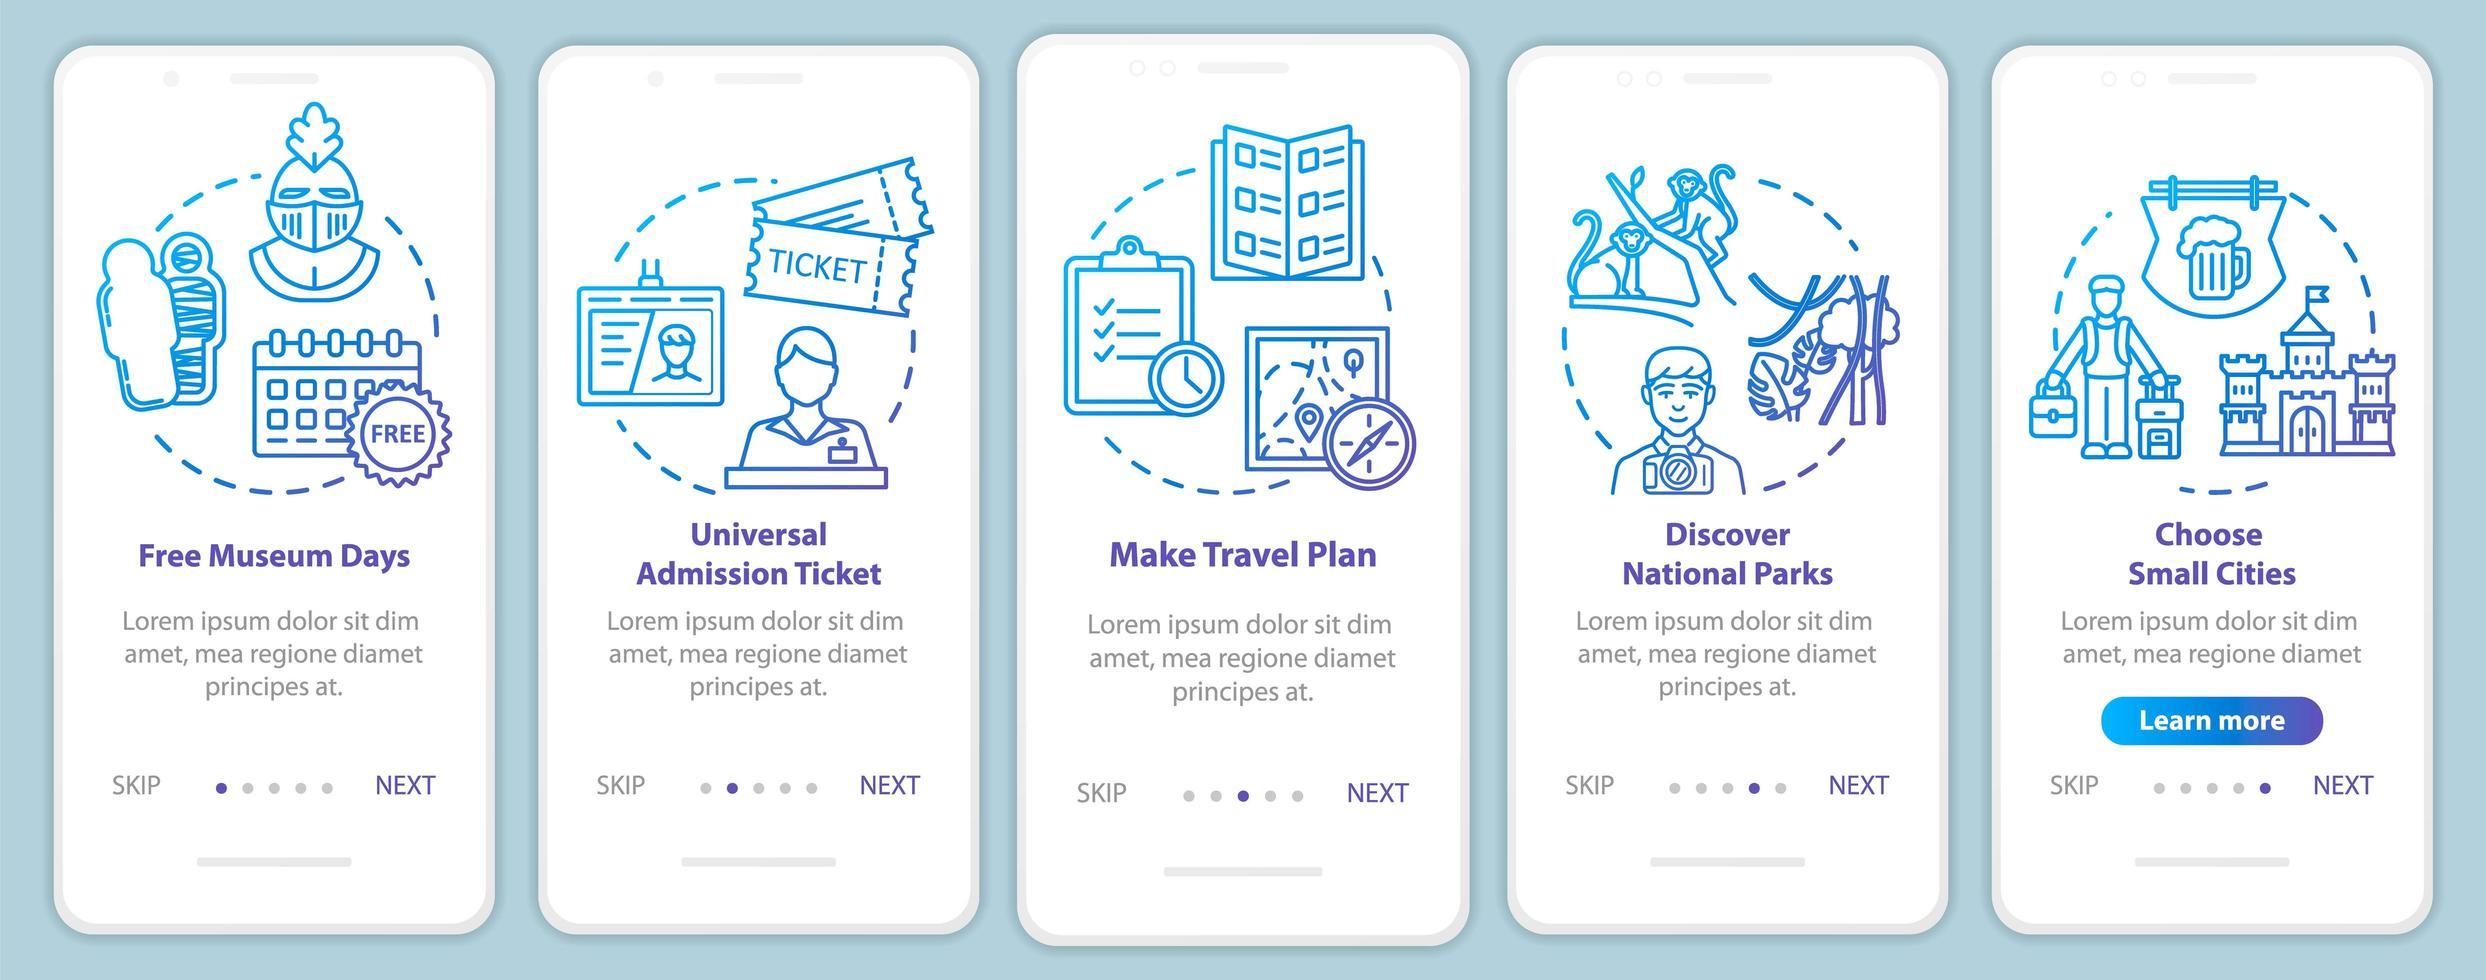 excursiones incorporando la pantalla de la página de la aplicación móvil con conceptos. galerías gratuitas. parques que asisten. vector